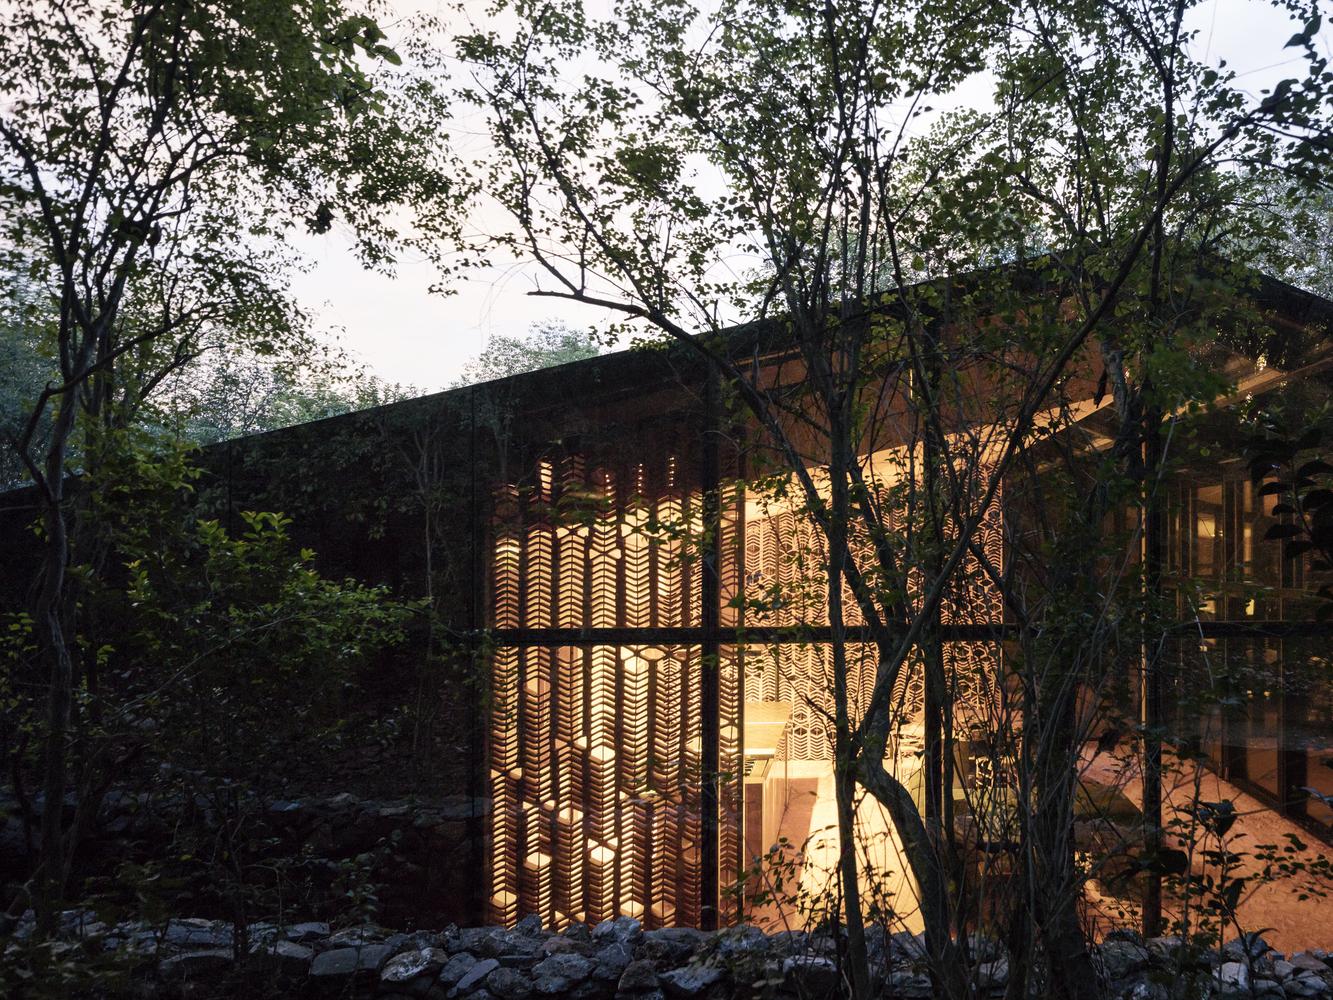 Solo di notte si può effettivamente notare la bellezza di questa casa / Rory Gardiner